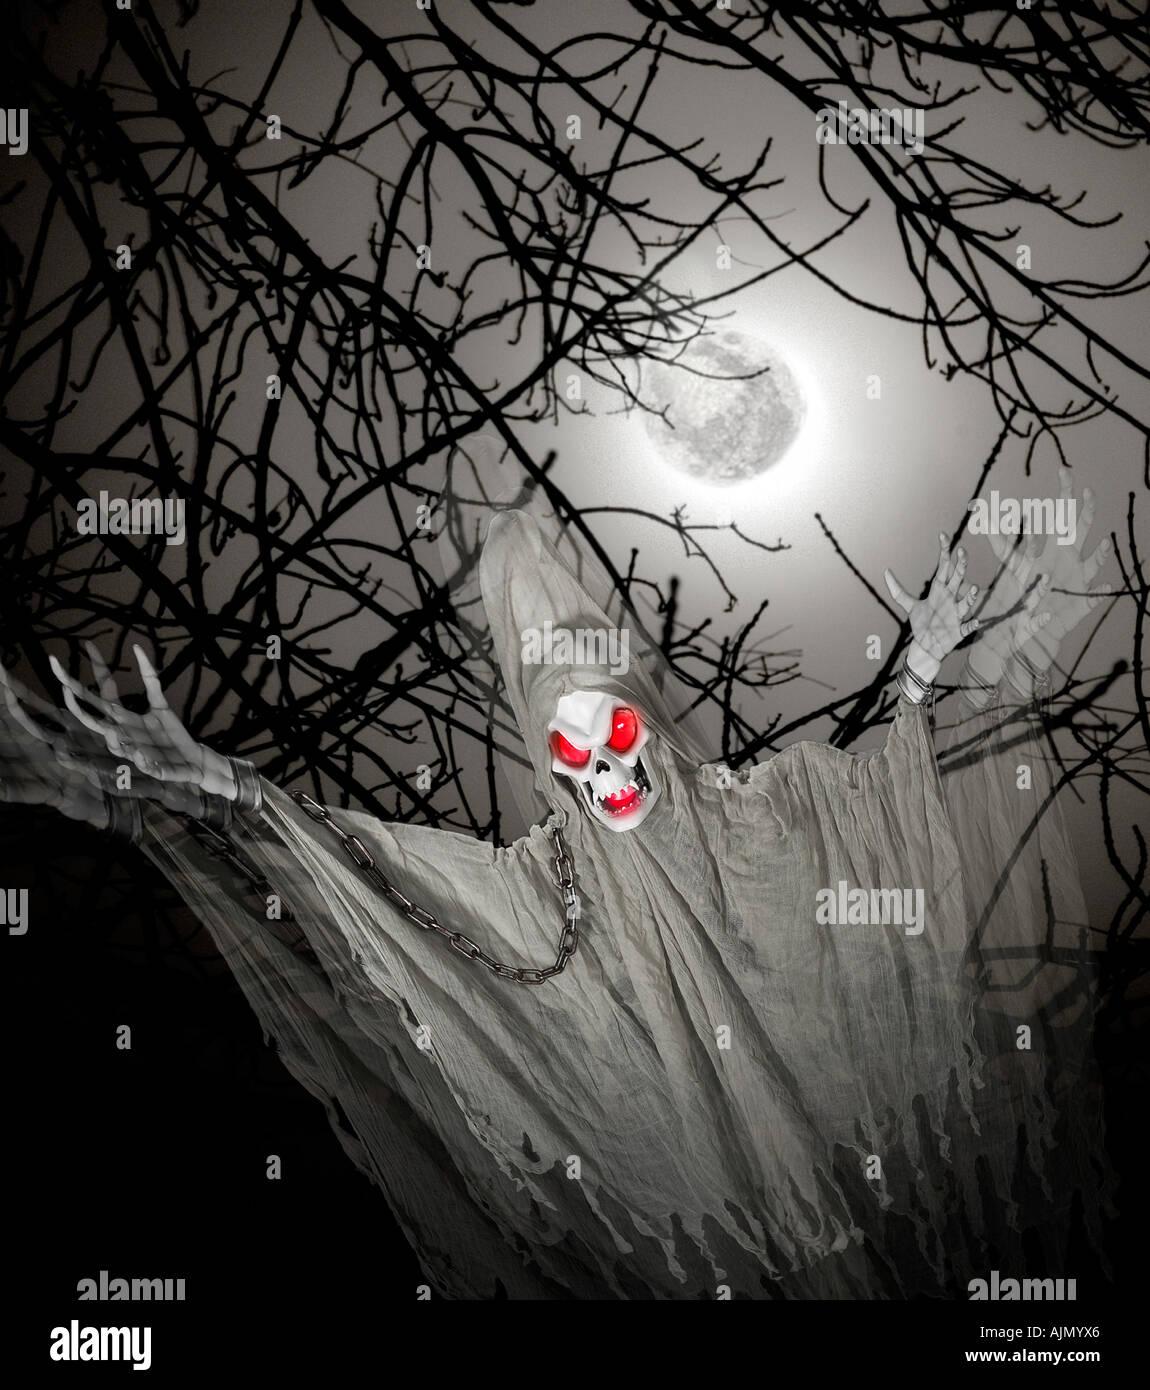 Gespenst Ghul Dämon Spuk der Nacht von Halloween mit dem Vollmond Stockbild